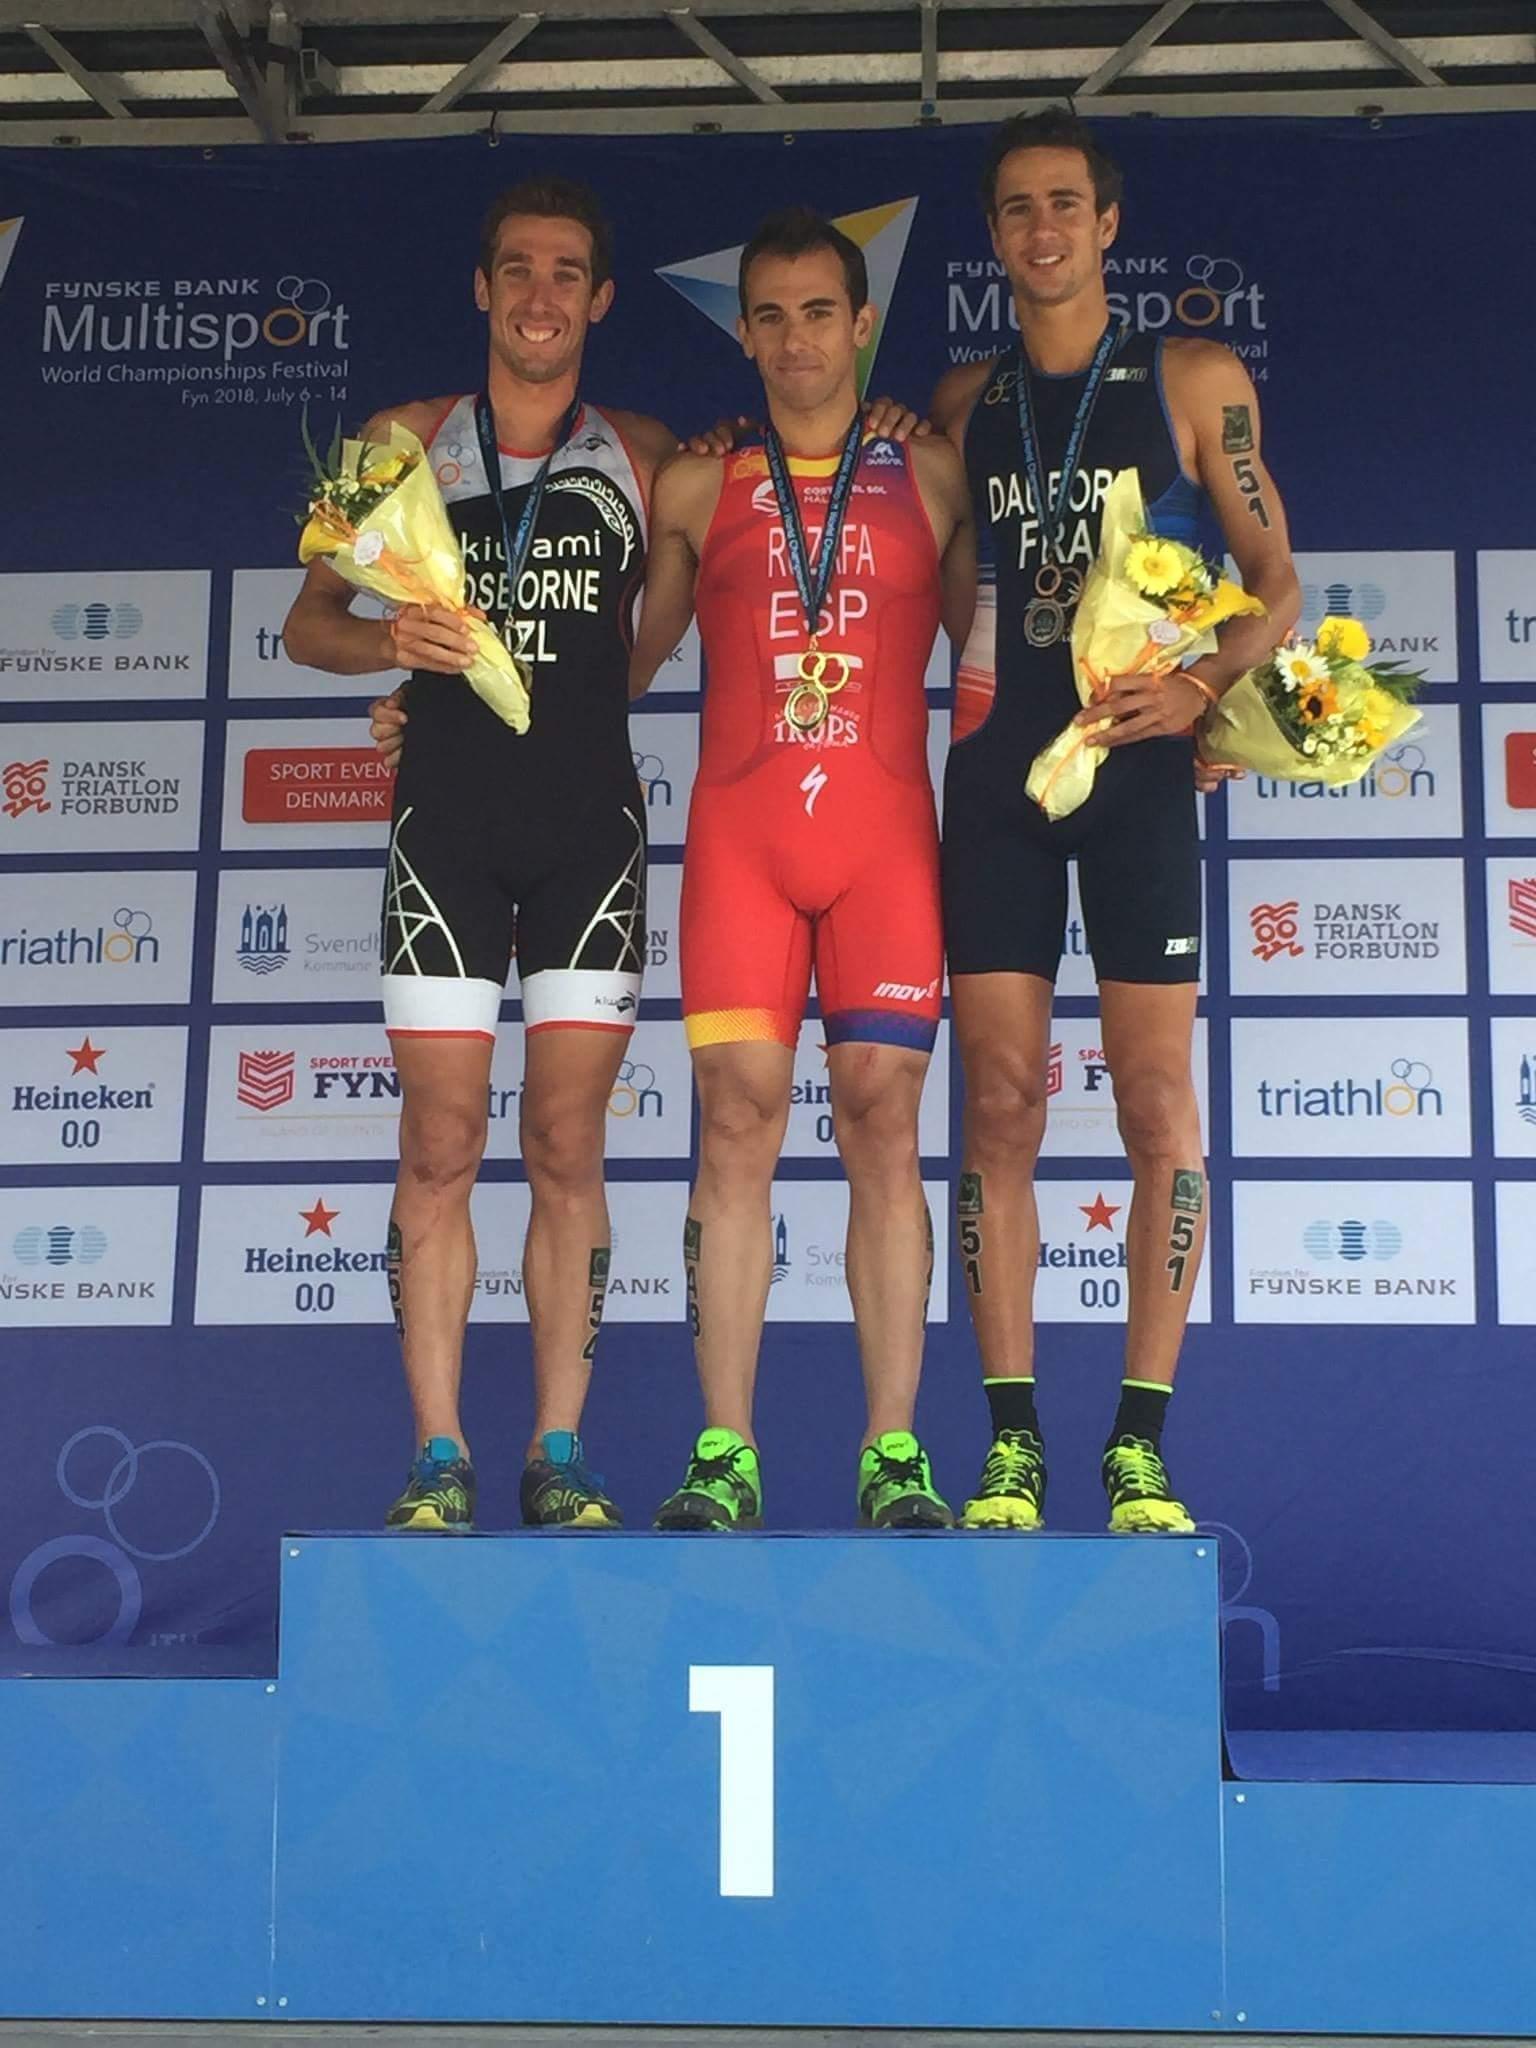 Brice Daubord médaille de bronze aux championnats du monde de cross triathlon au Danemark